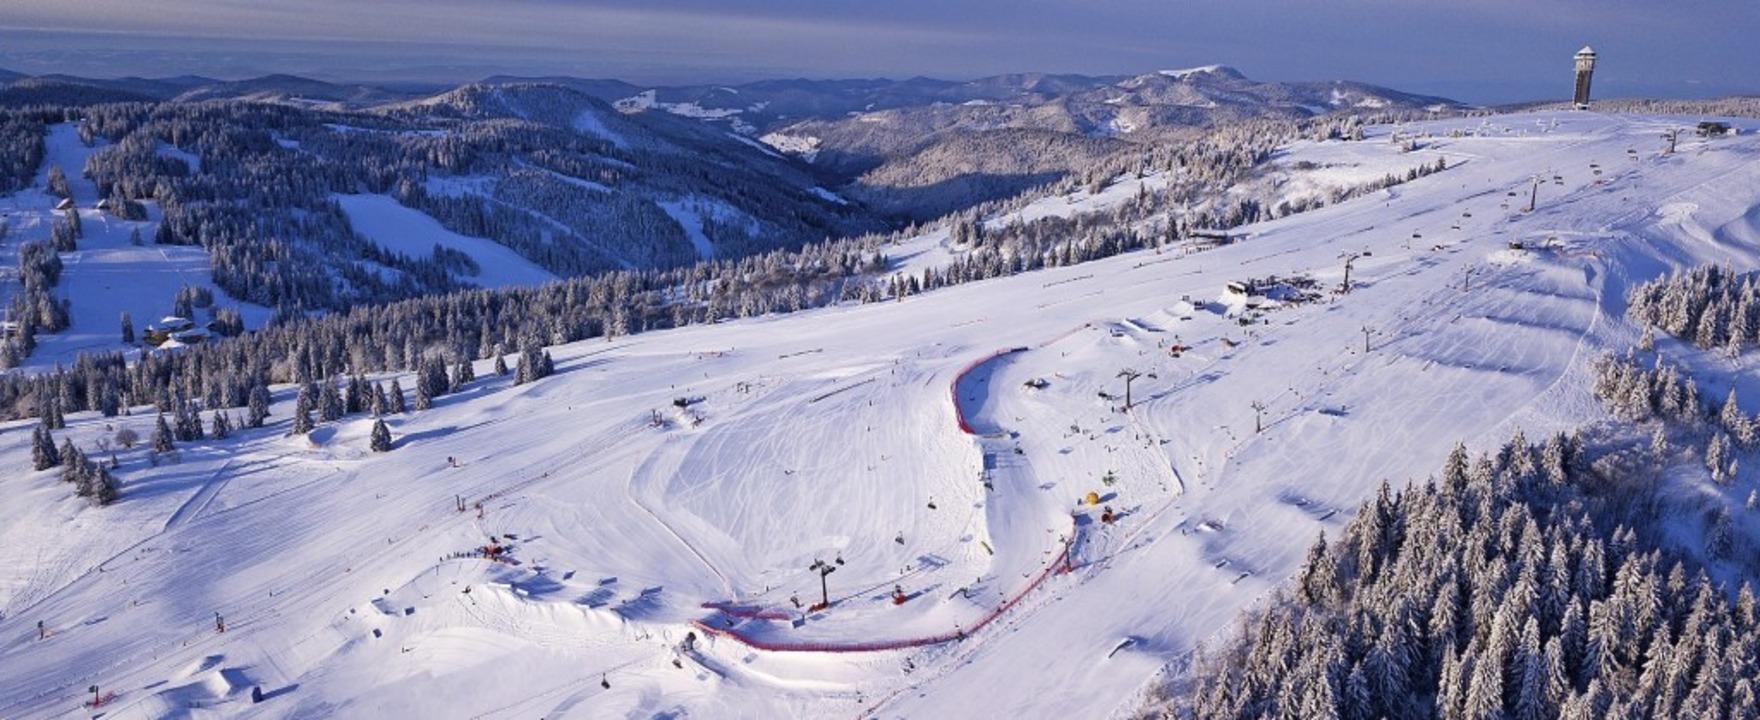 Die Piste der Snowboardcrosser am Feld... fehlt den Kursbauern genügend Schnee.  | Foto: Baschi Bender